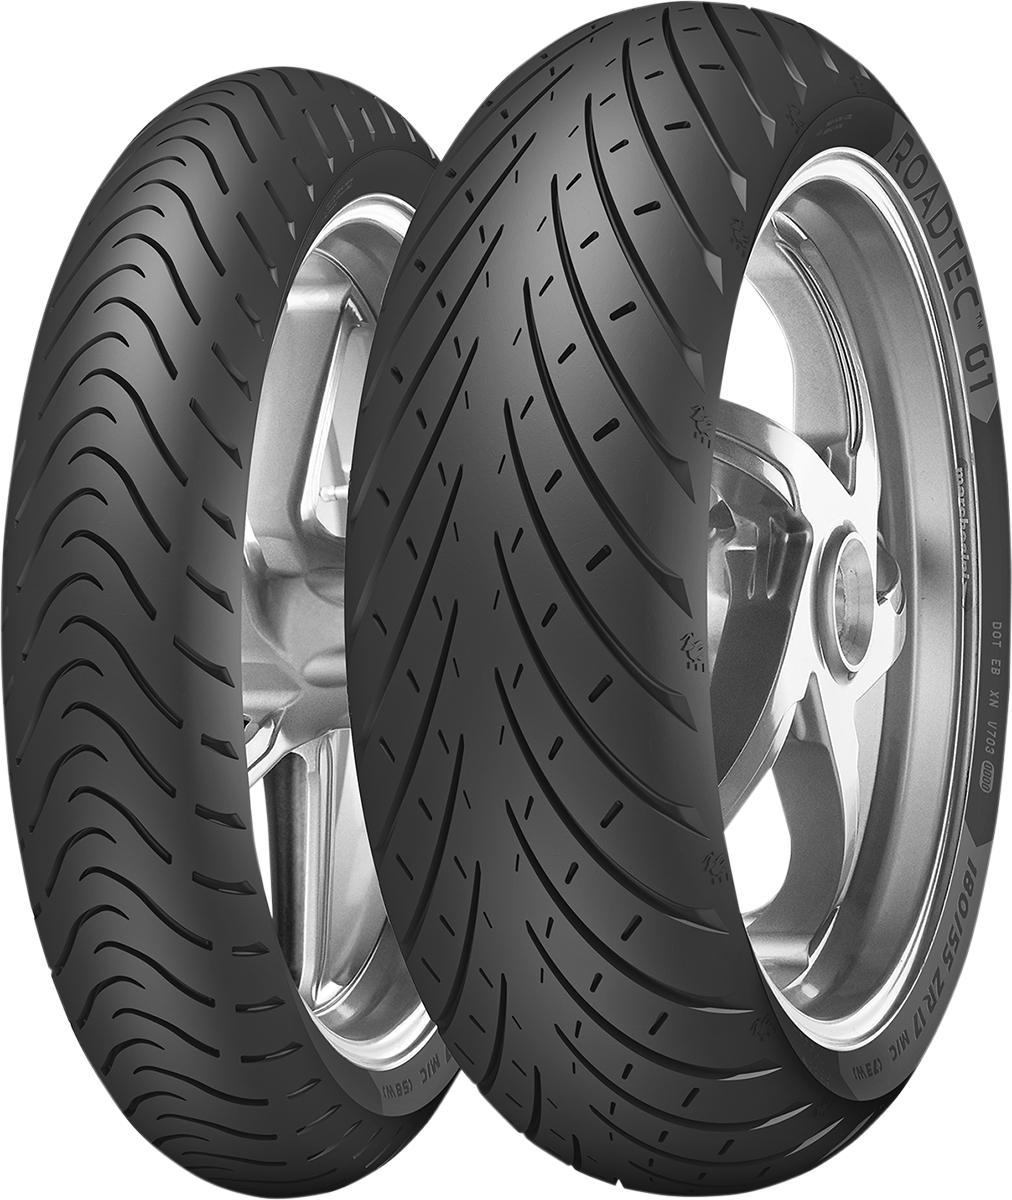 Roadtec 01 Tires